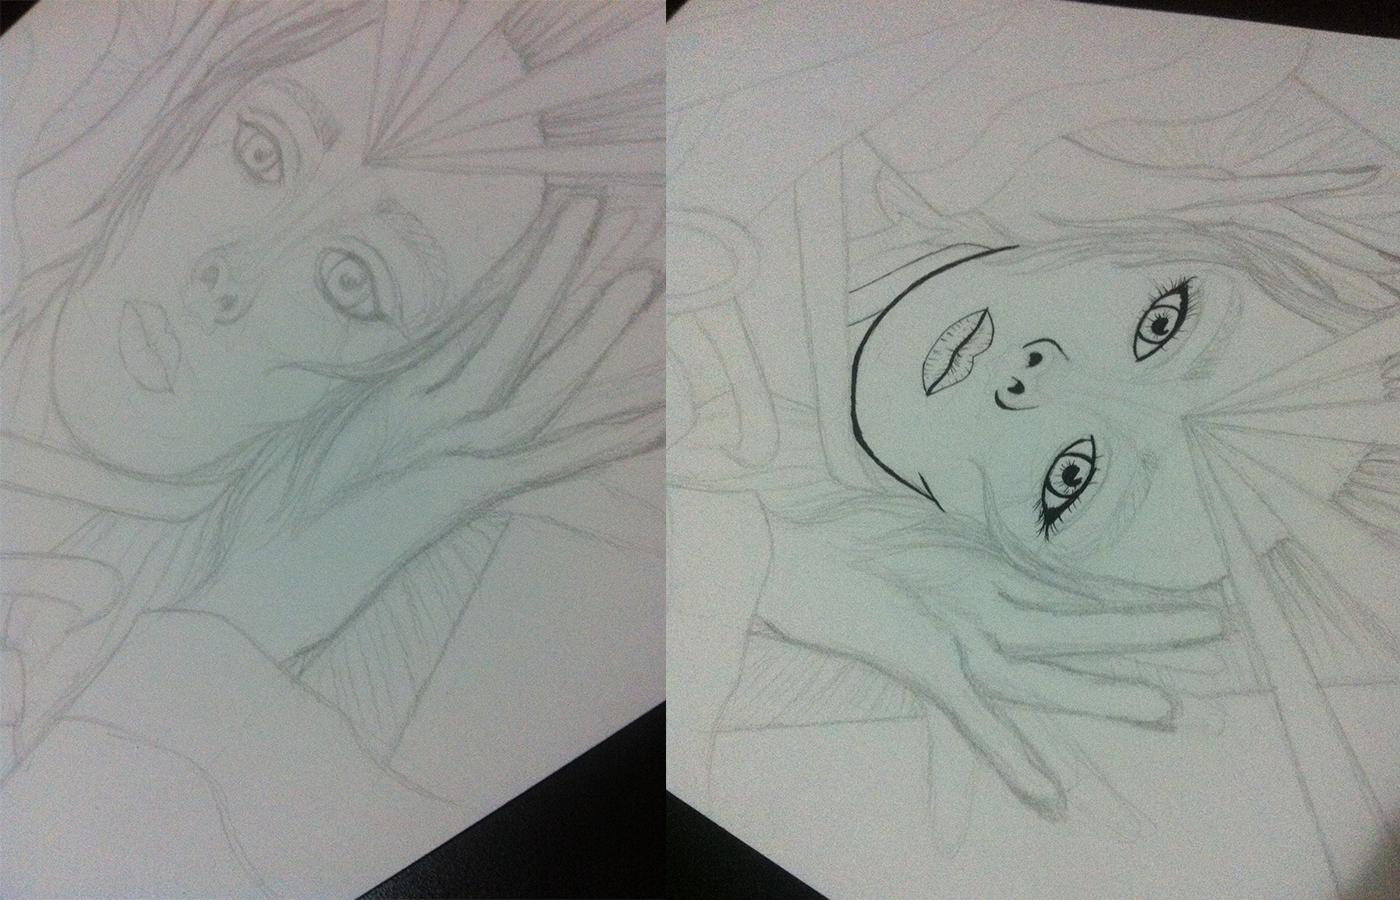 simone Simone Simons ILUSTRA arte ink pencil nanquim caneta lápis desenho